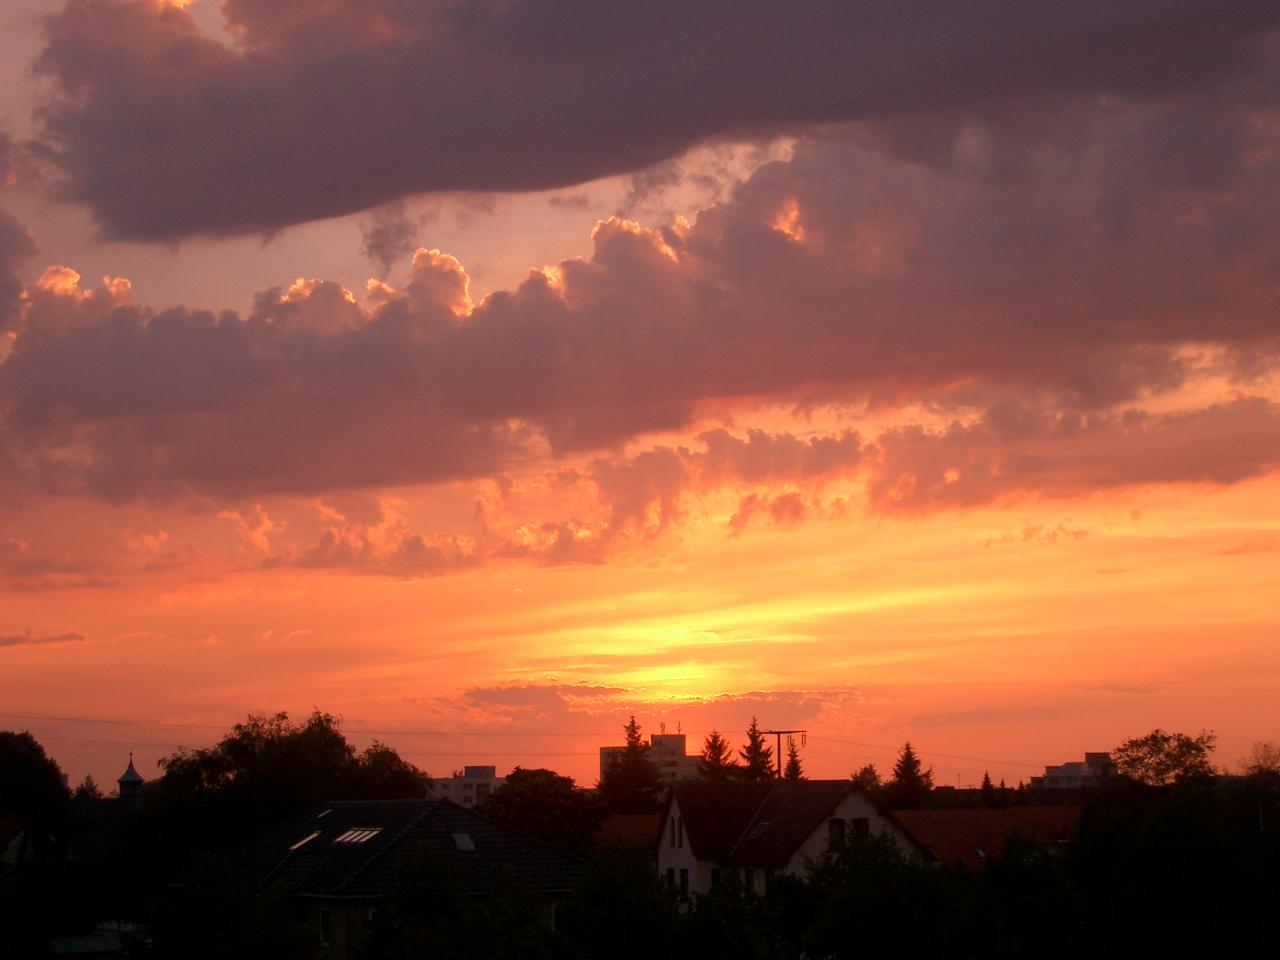 Sunset in Flensburg